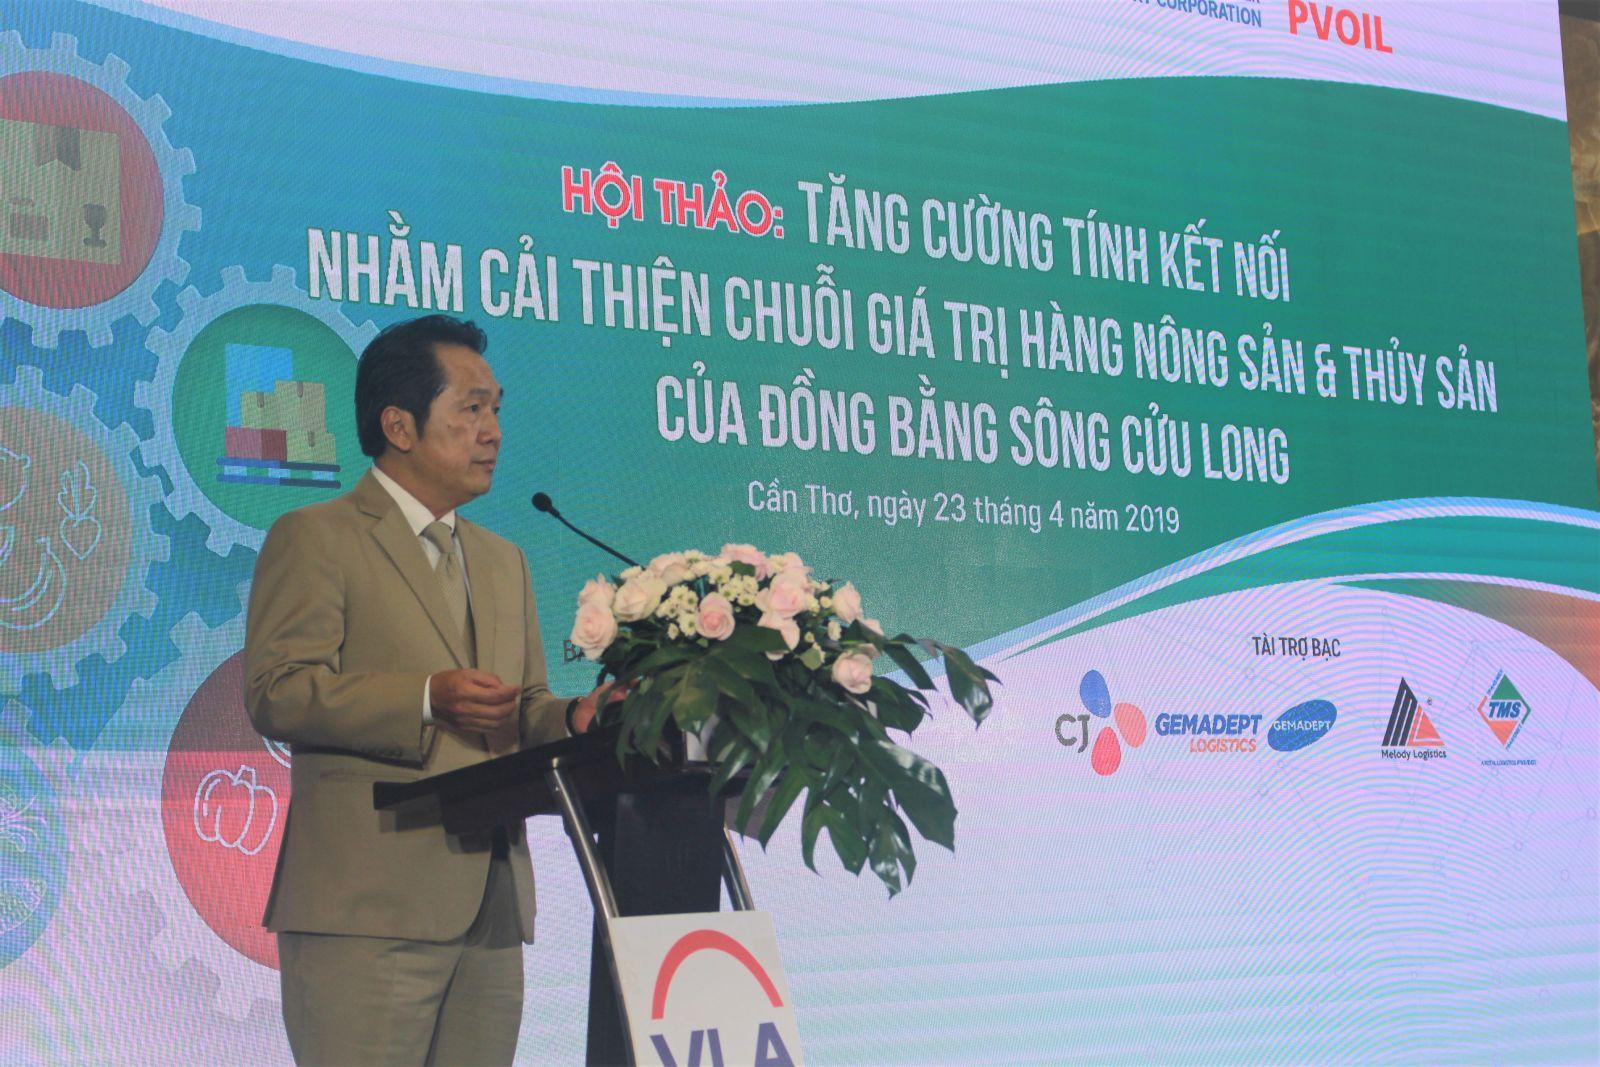 Ông Lê Duy Hiệp, Chủ tịch Hiệp hội Doanh nghiệp Dịch vụ Logistics Việt Nam, cho biết: Chi phí Logistics cho xuất khẩu thủy sản và trái cây chiếm tỷ lệ vào khoảng 20-25%, như vậy là khá cao so với các nước trong khu vực. Ảnh: MINH HUYỀN